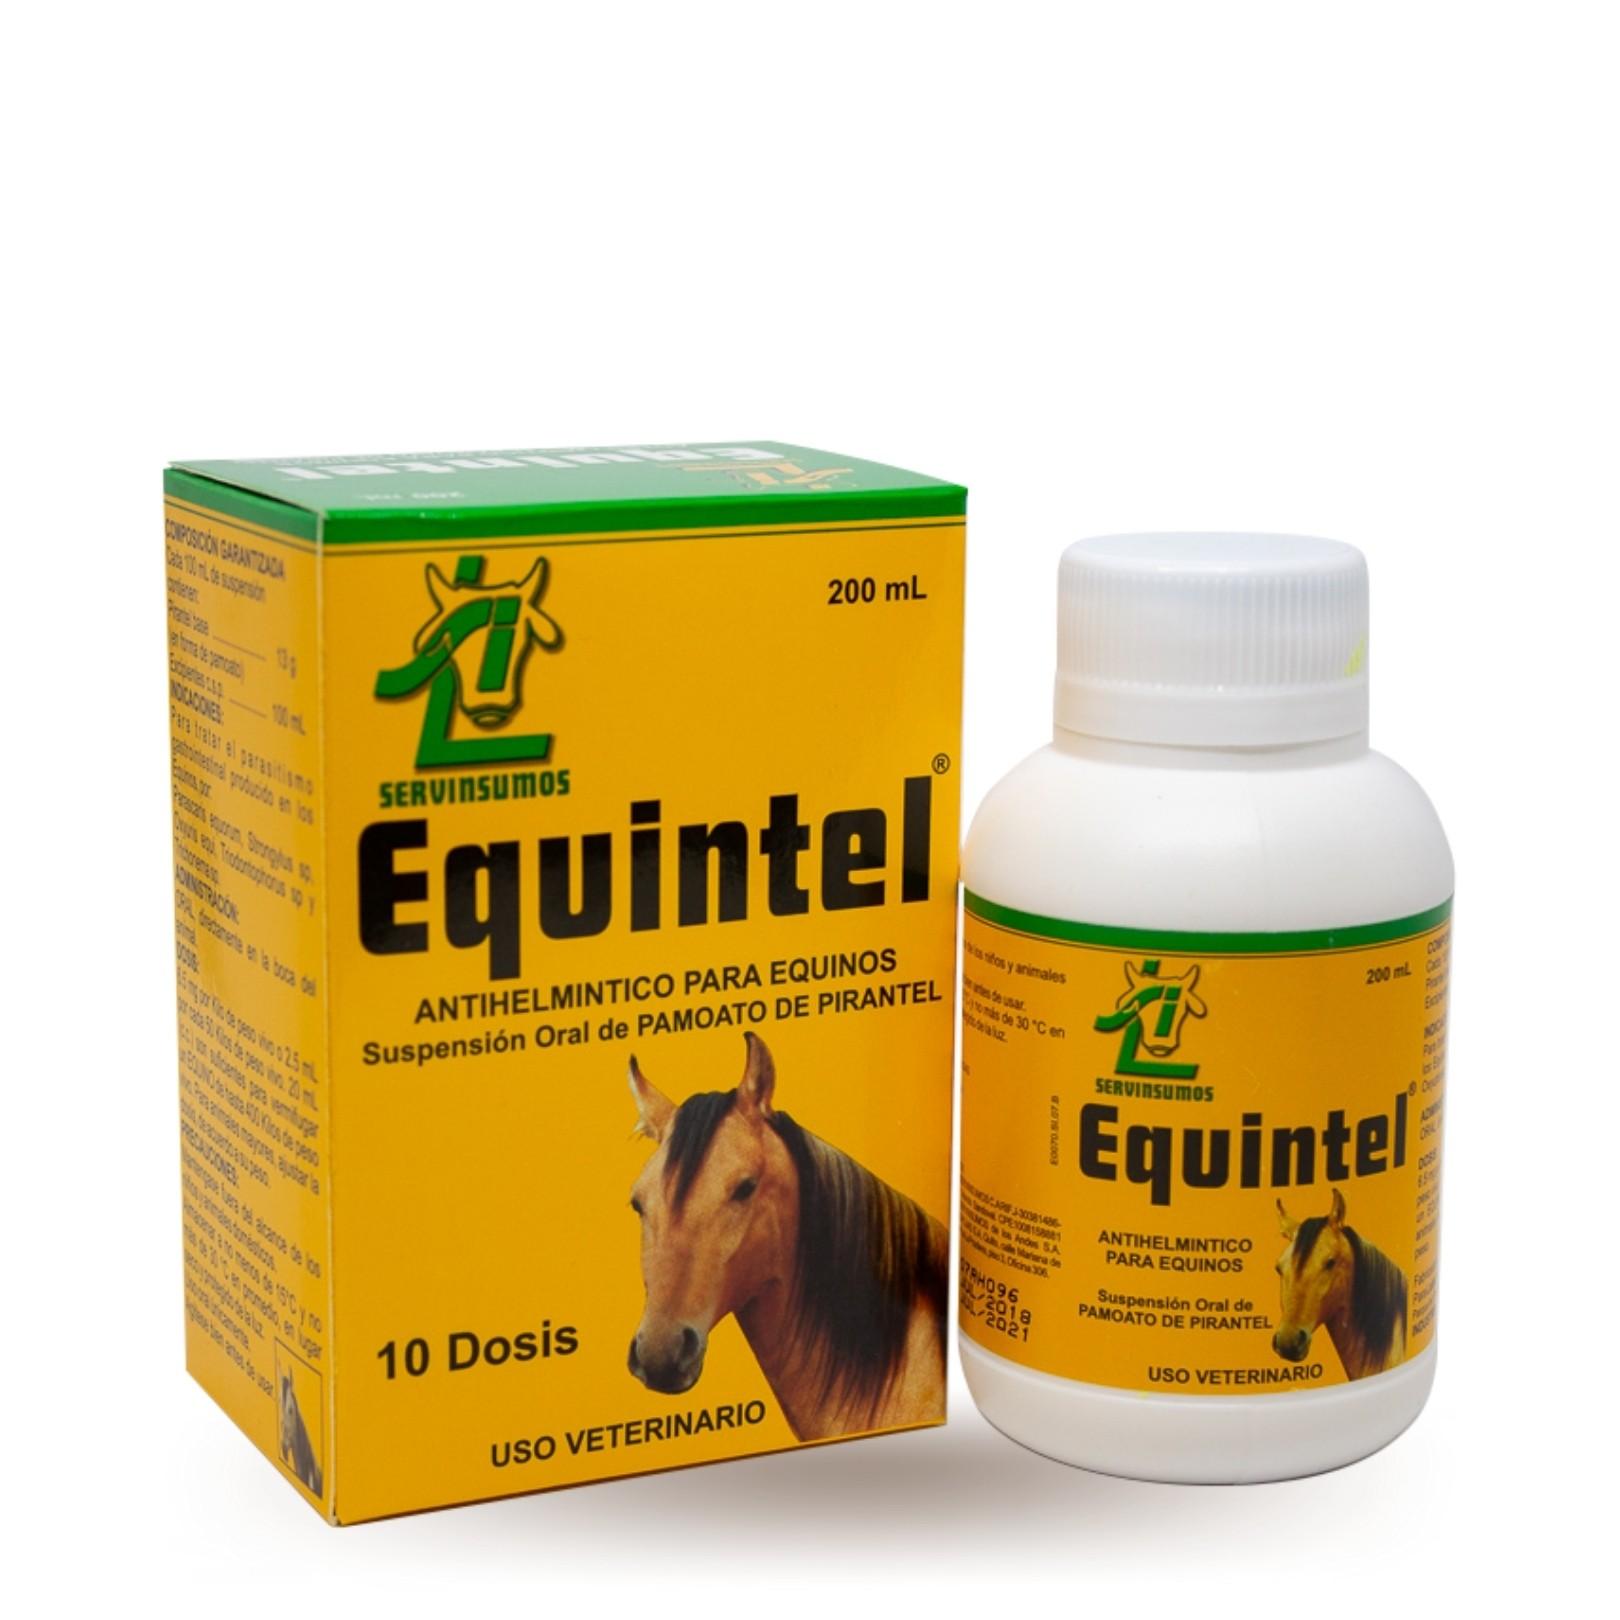 equintel antihelmintico